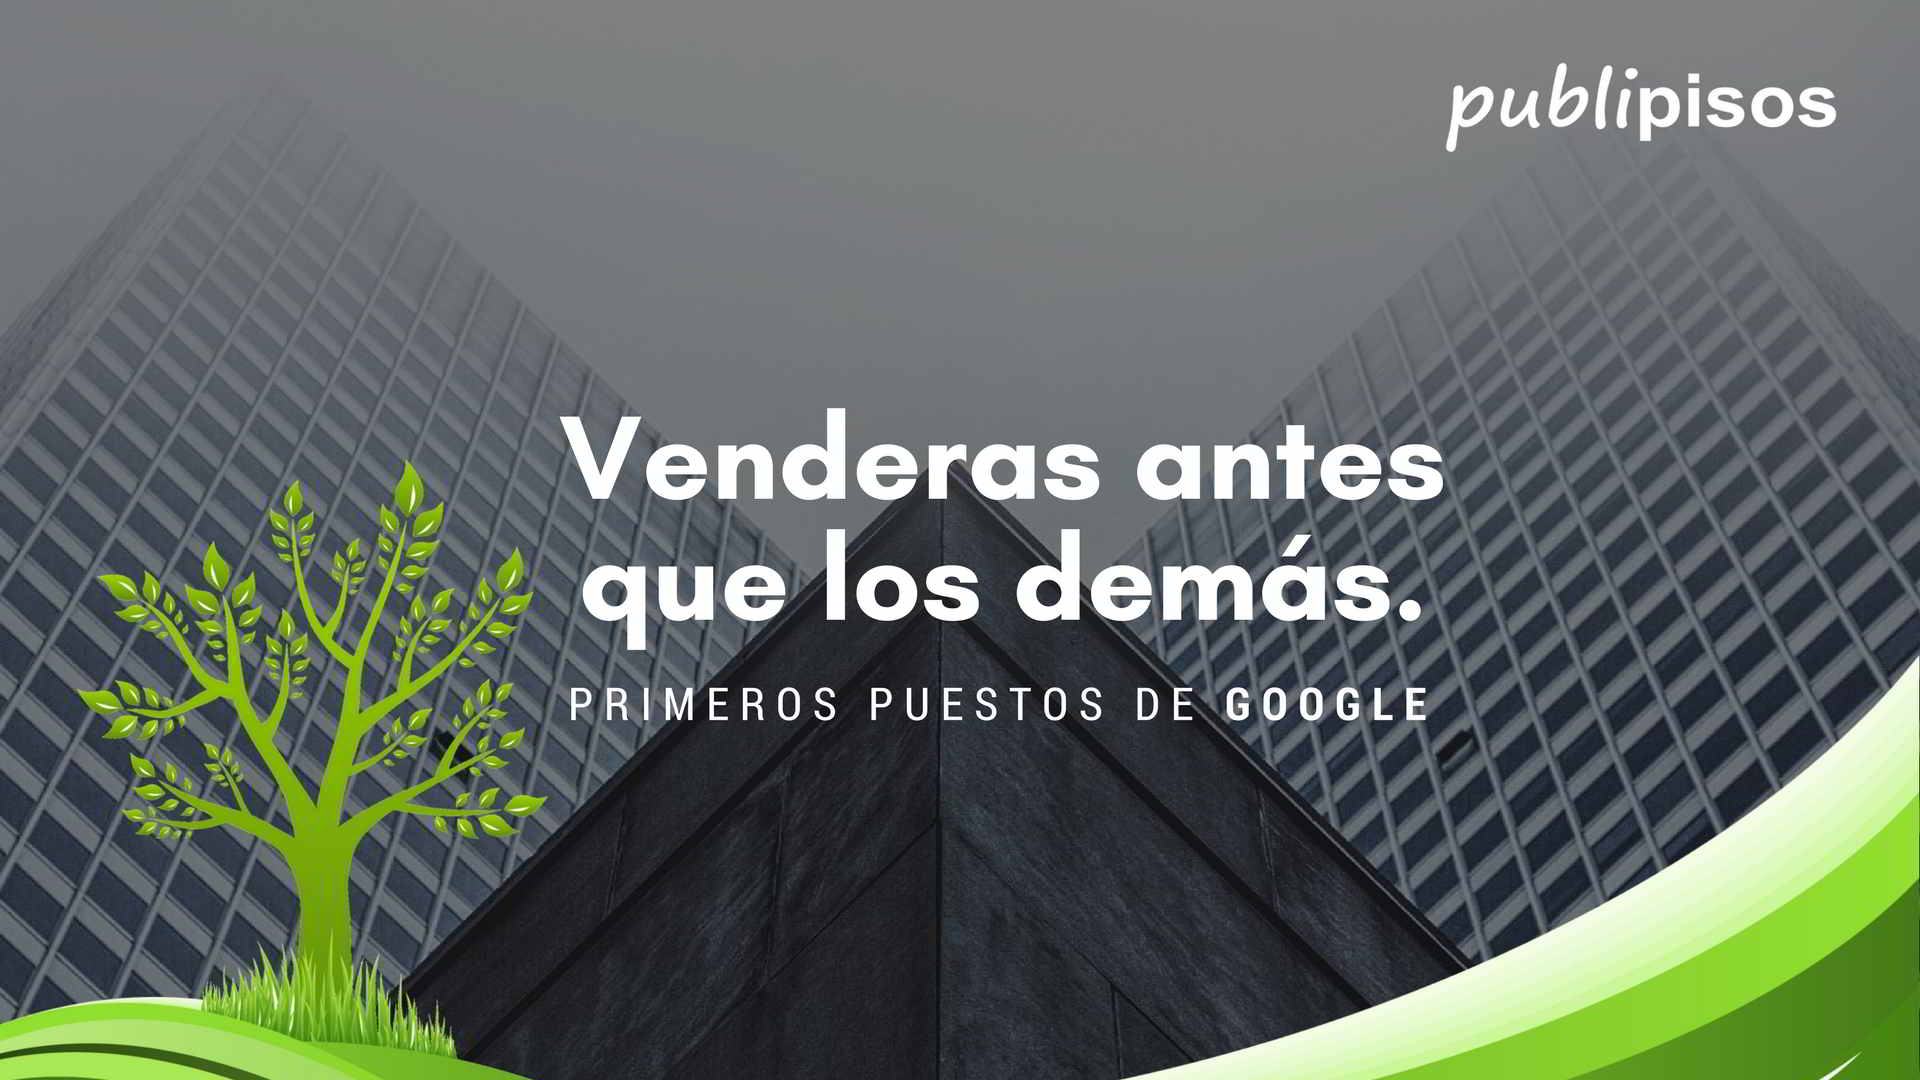 vende antes que los demas Publipisos Inmobiliarias Zaragoza | Pisos en Zaragoza